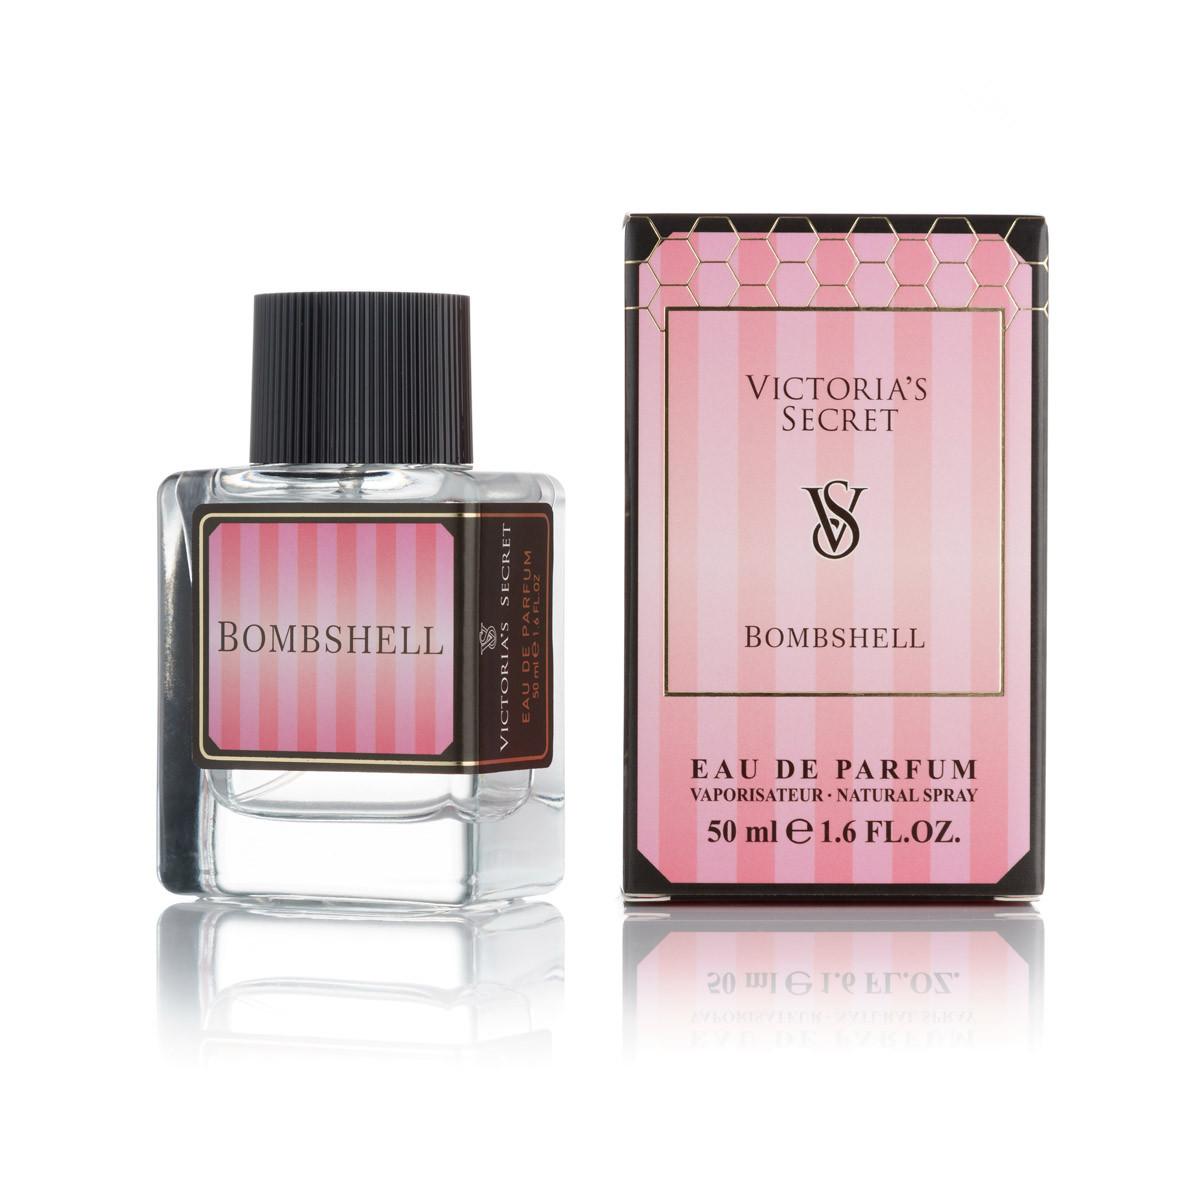 50 мл мини парфюм Victoria Secret Bombshell - Ж (код: 420)